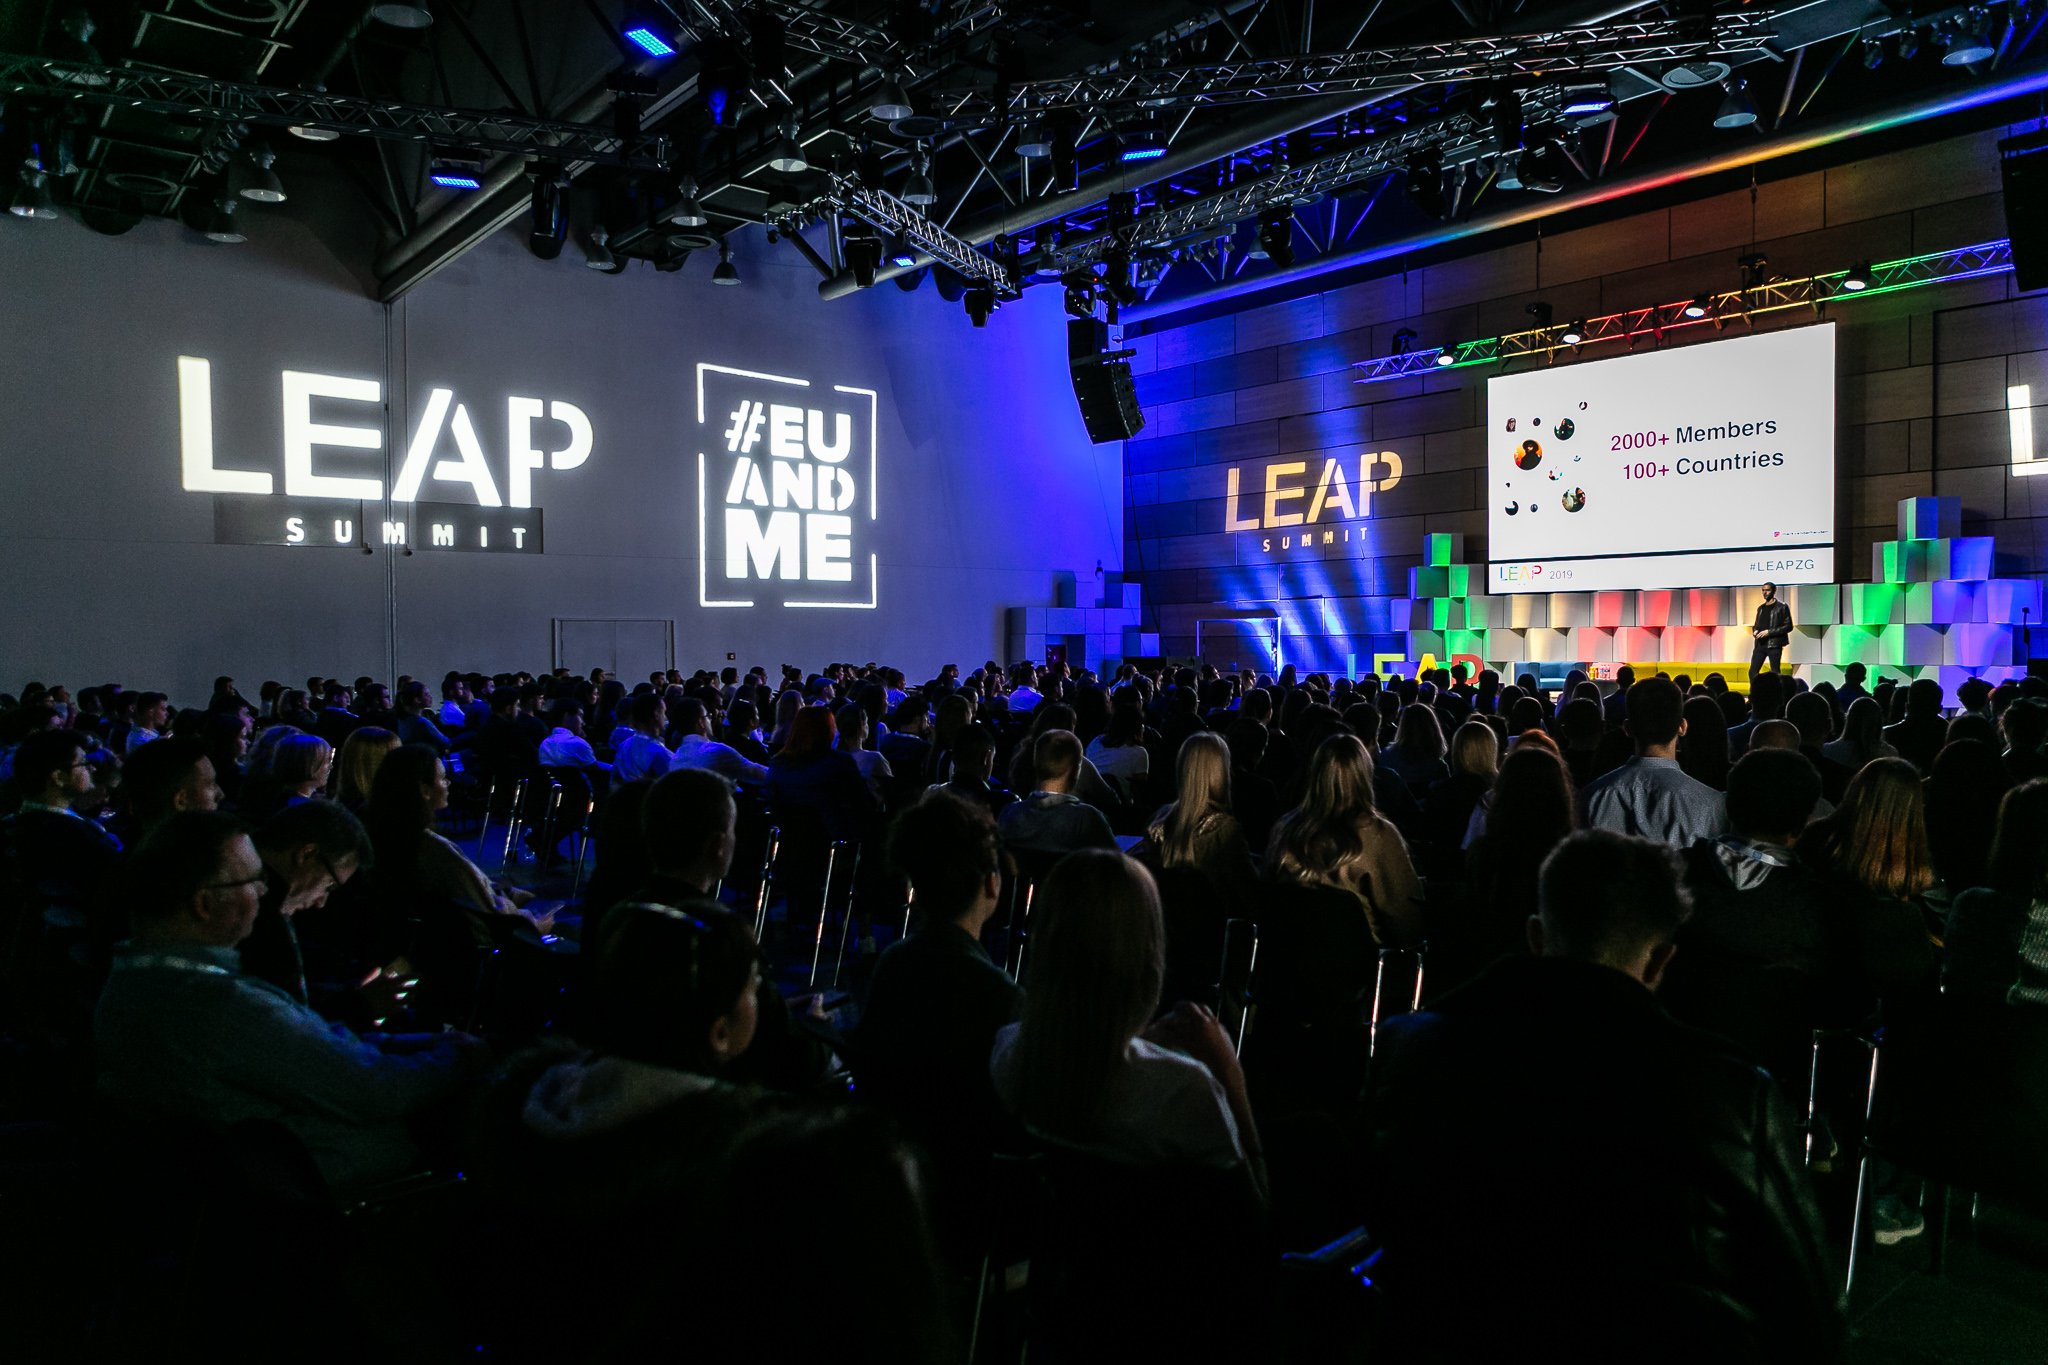 Prijavi se na međunarodnu konferenciju - LEAP Summit